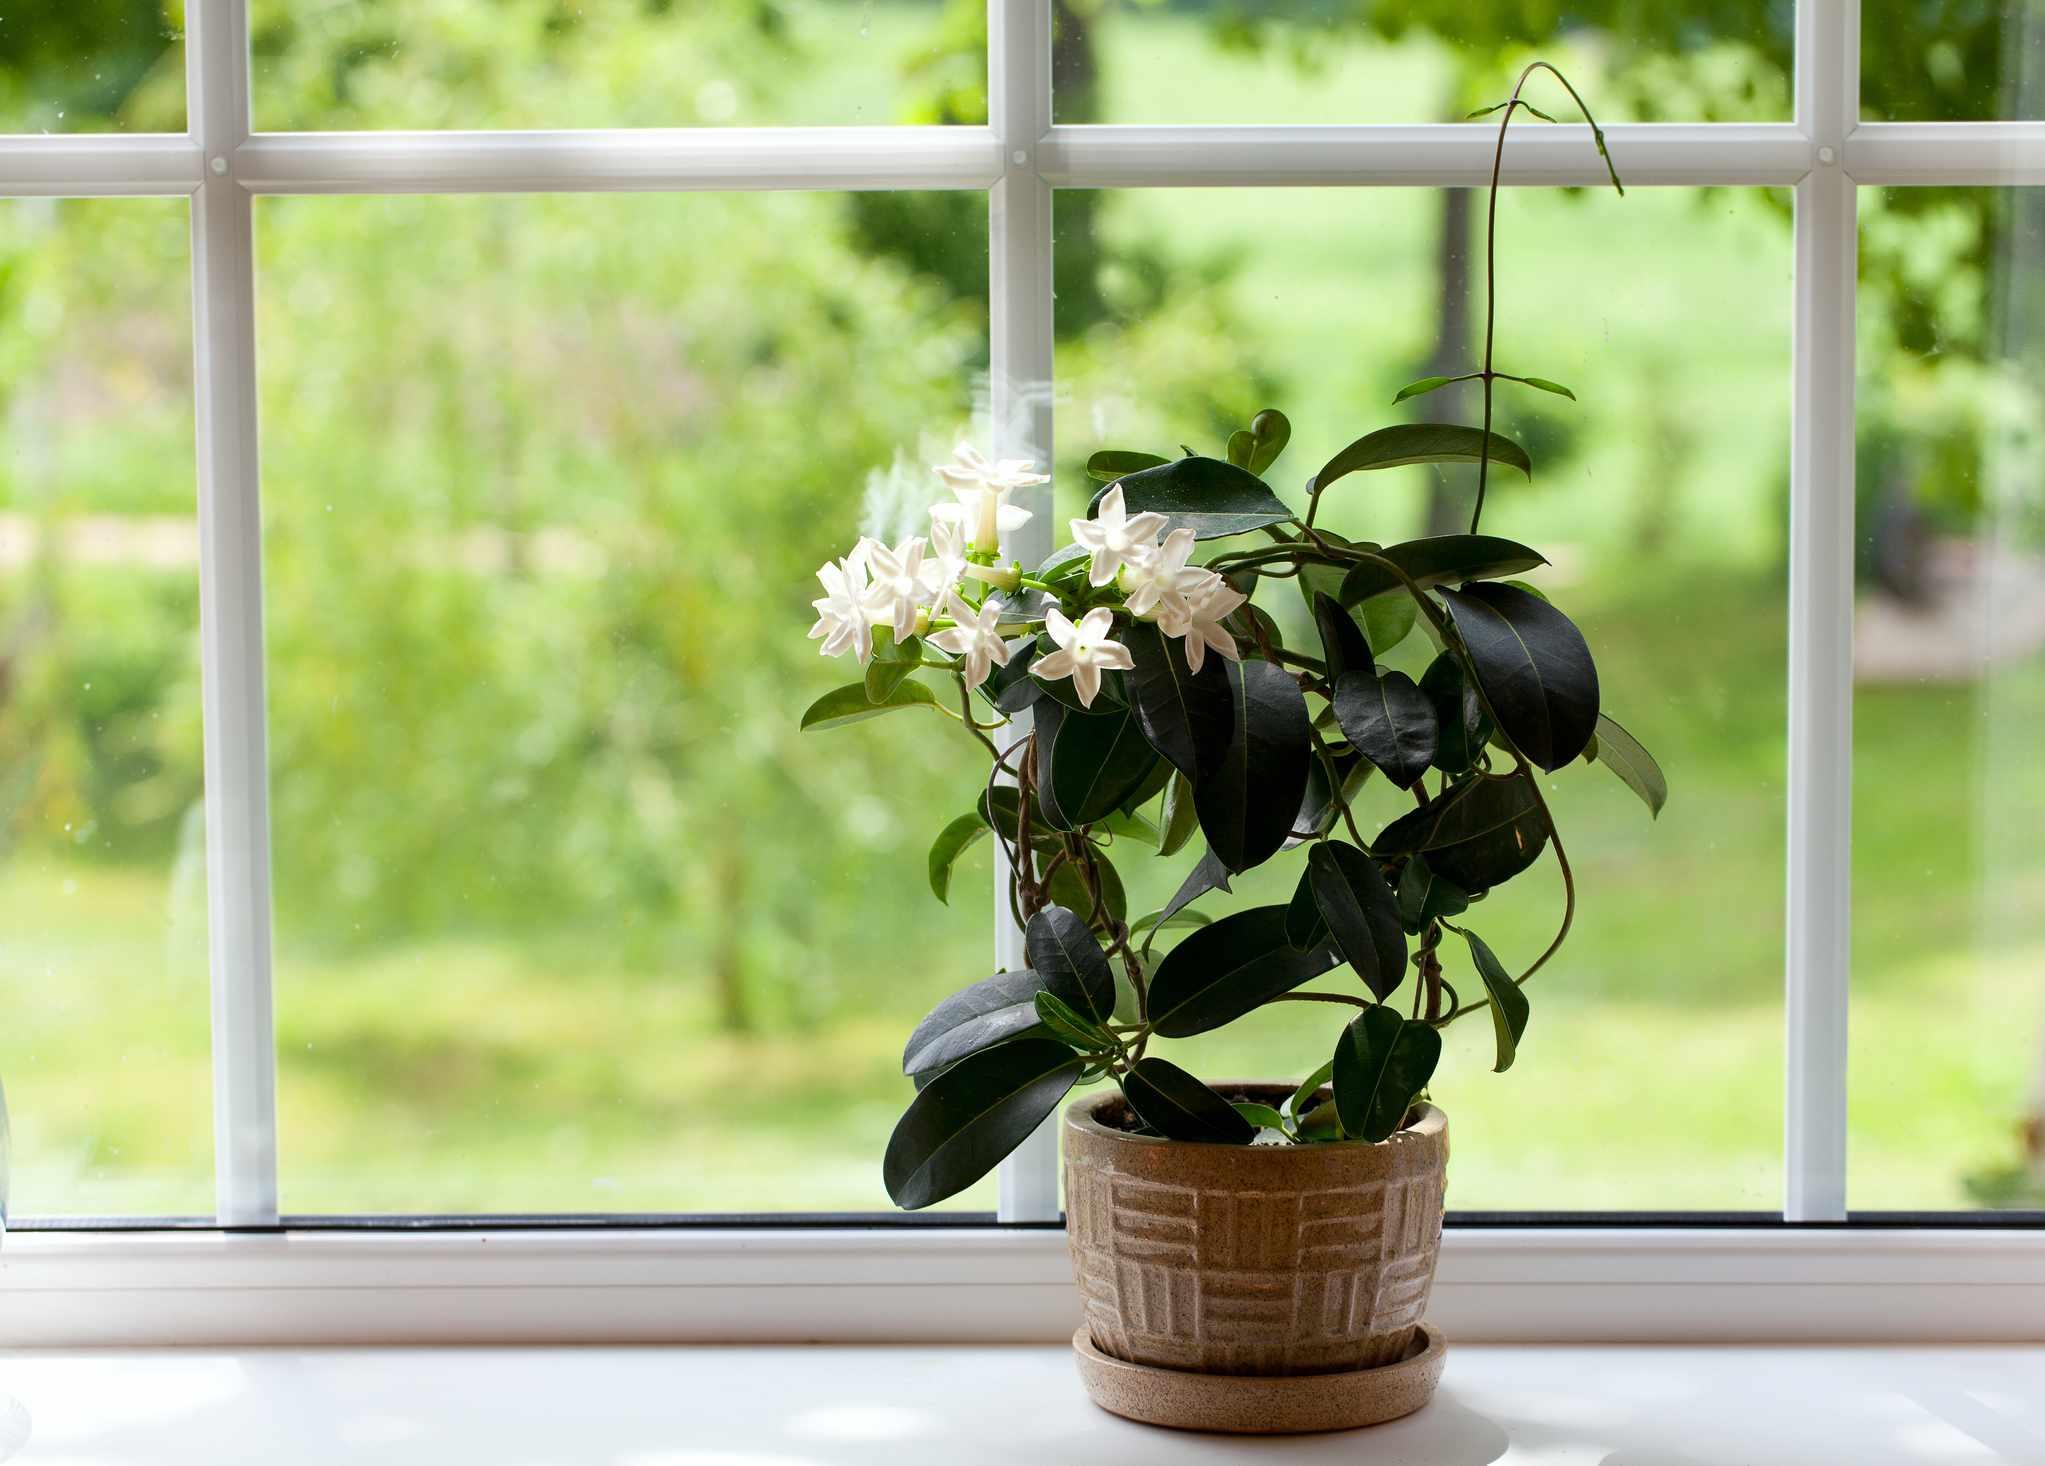 Potted Jasmine Plant Indoors on Windowsill